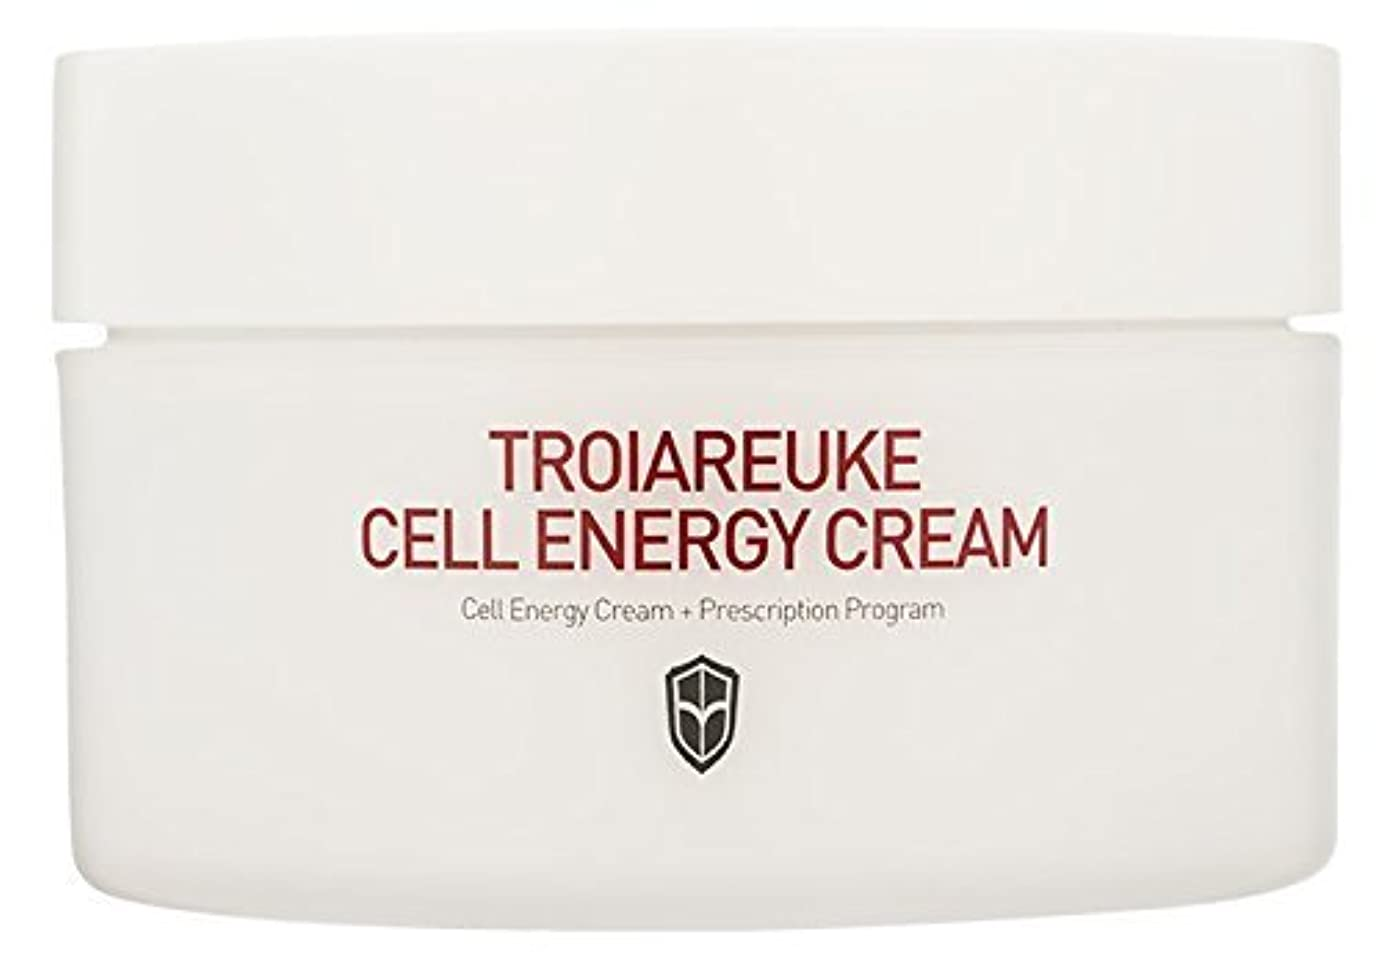 推論パースブラックボロウ枯れるTROIAREUKE セル エネルギー クリーム / Cell Energy Cream (125ml) [並行輸入品]